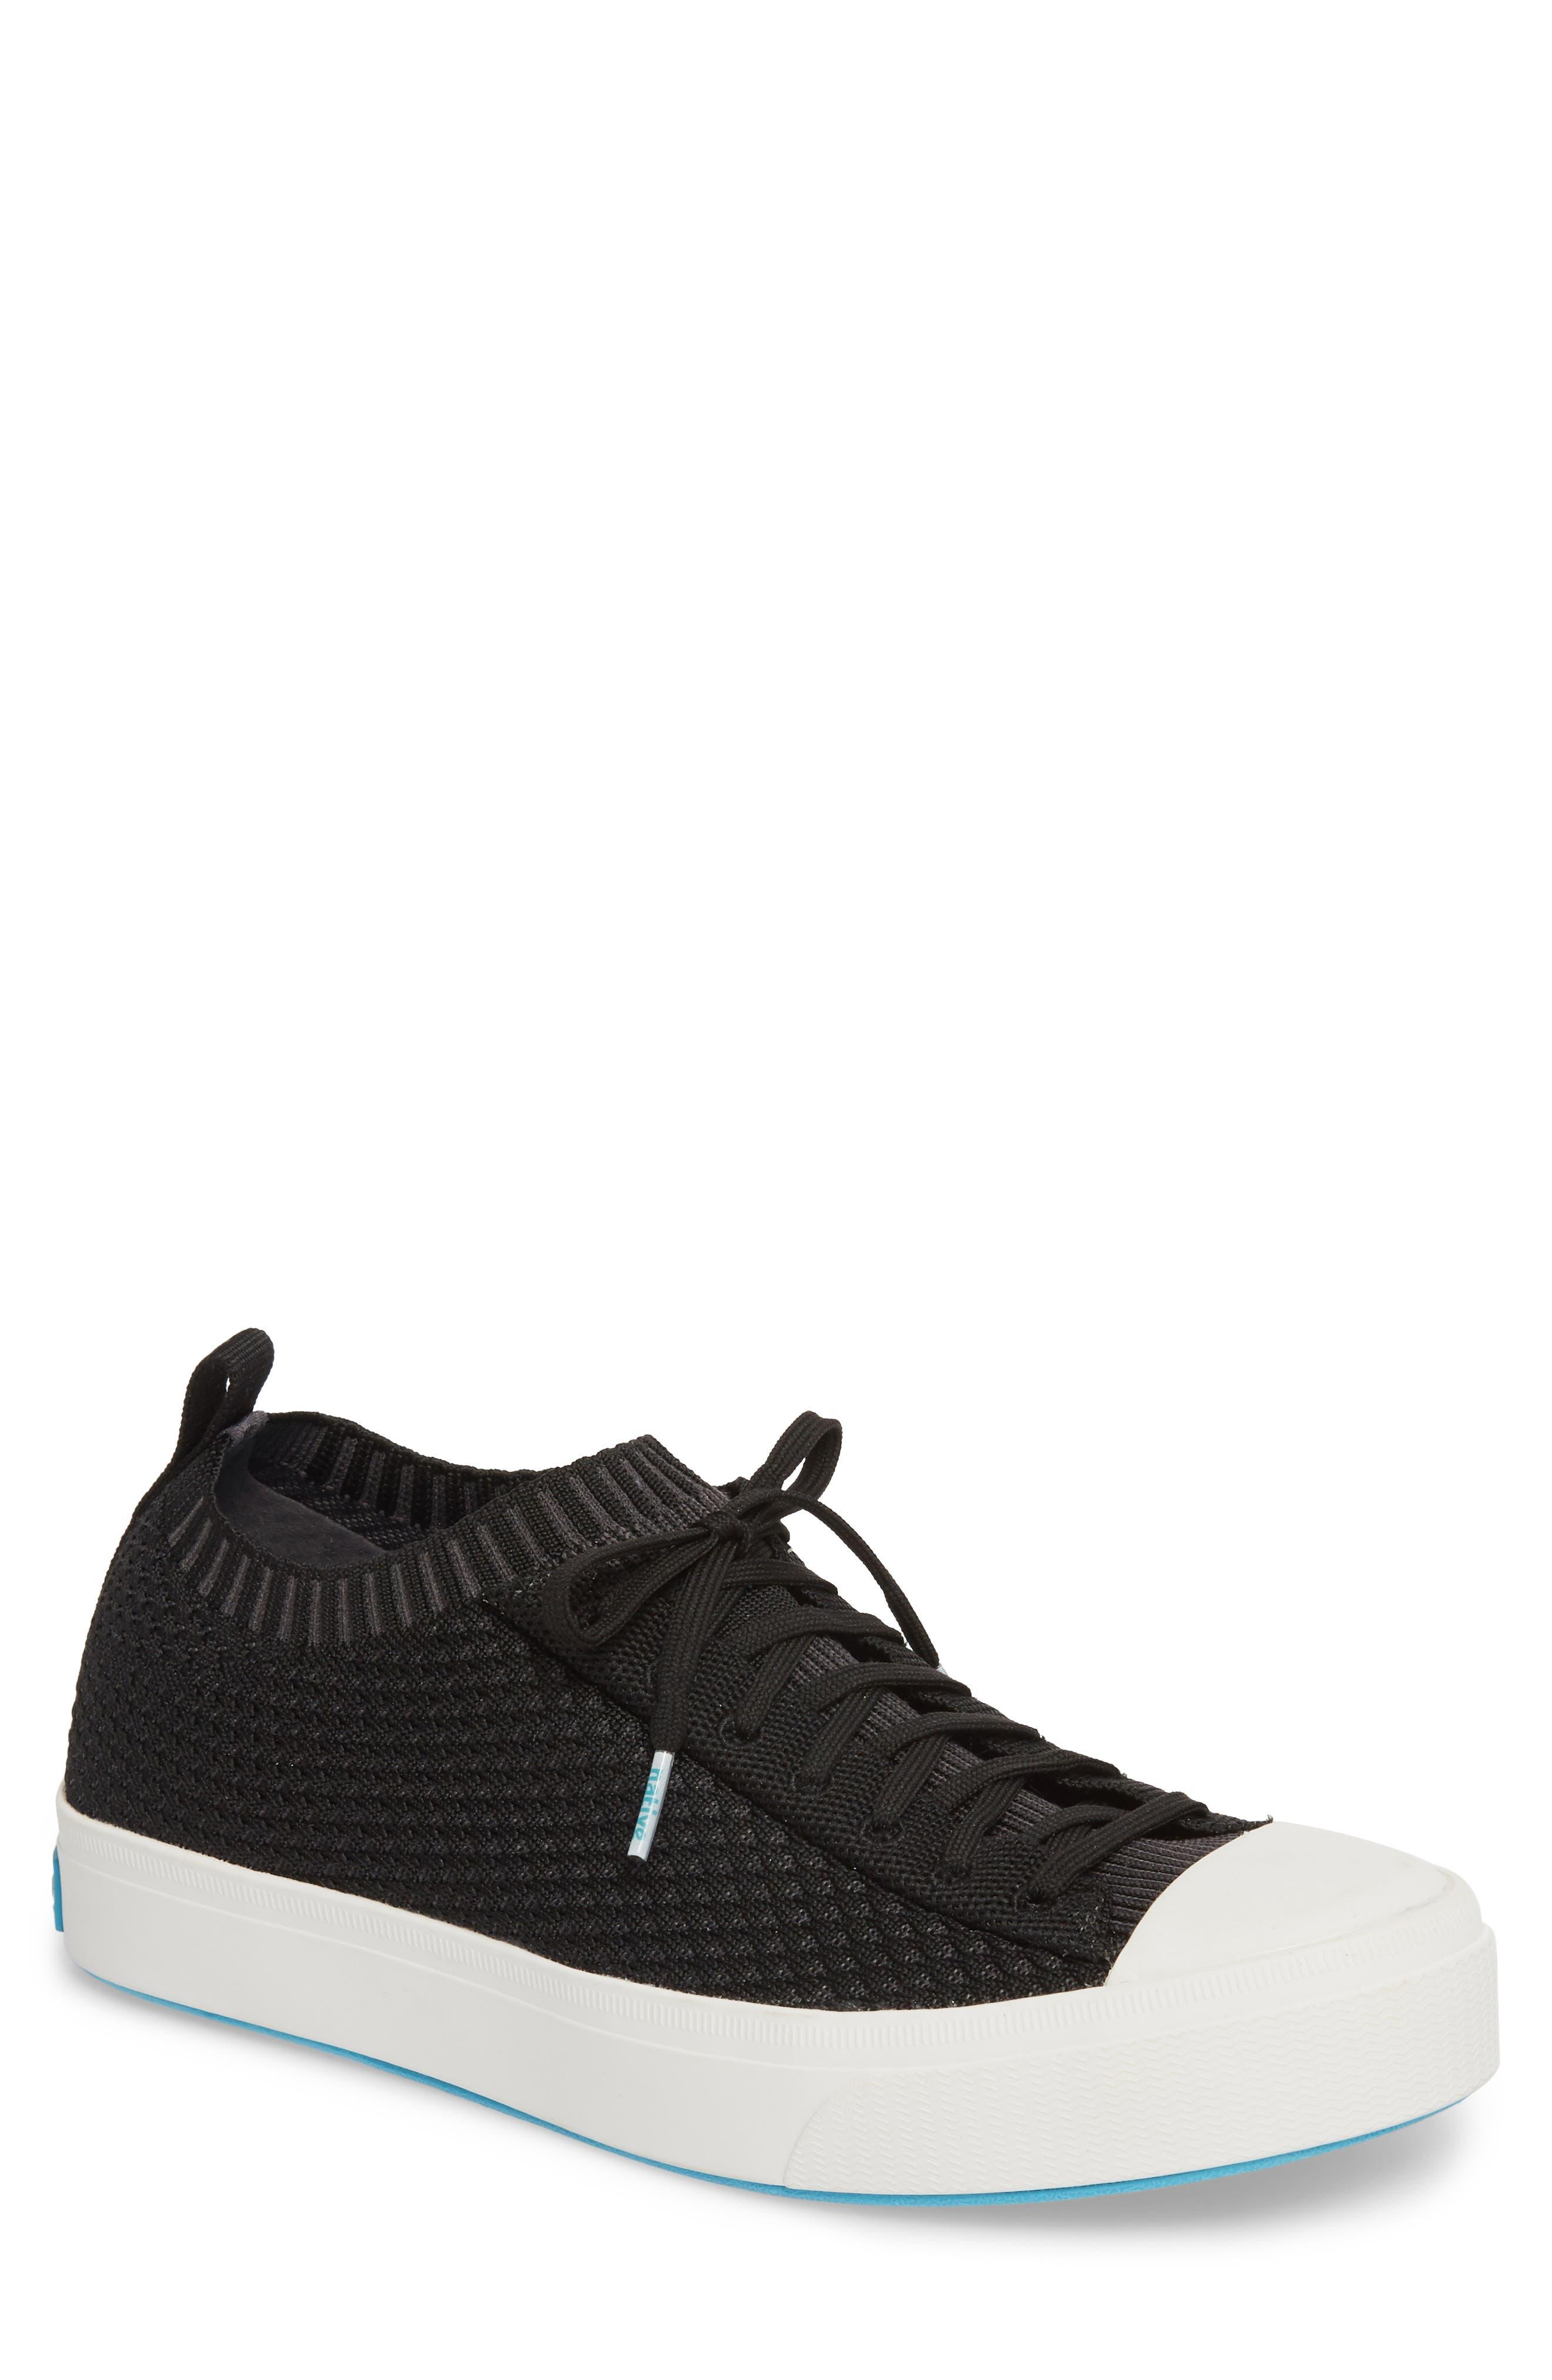 Jefferson 2.0 Liteknit Lace-Up Sneaker,                             Main thumbnail 1, color,                             JIFFY BLACK/ SHELL WHITE